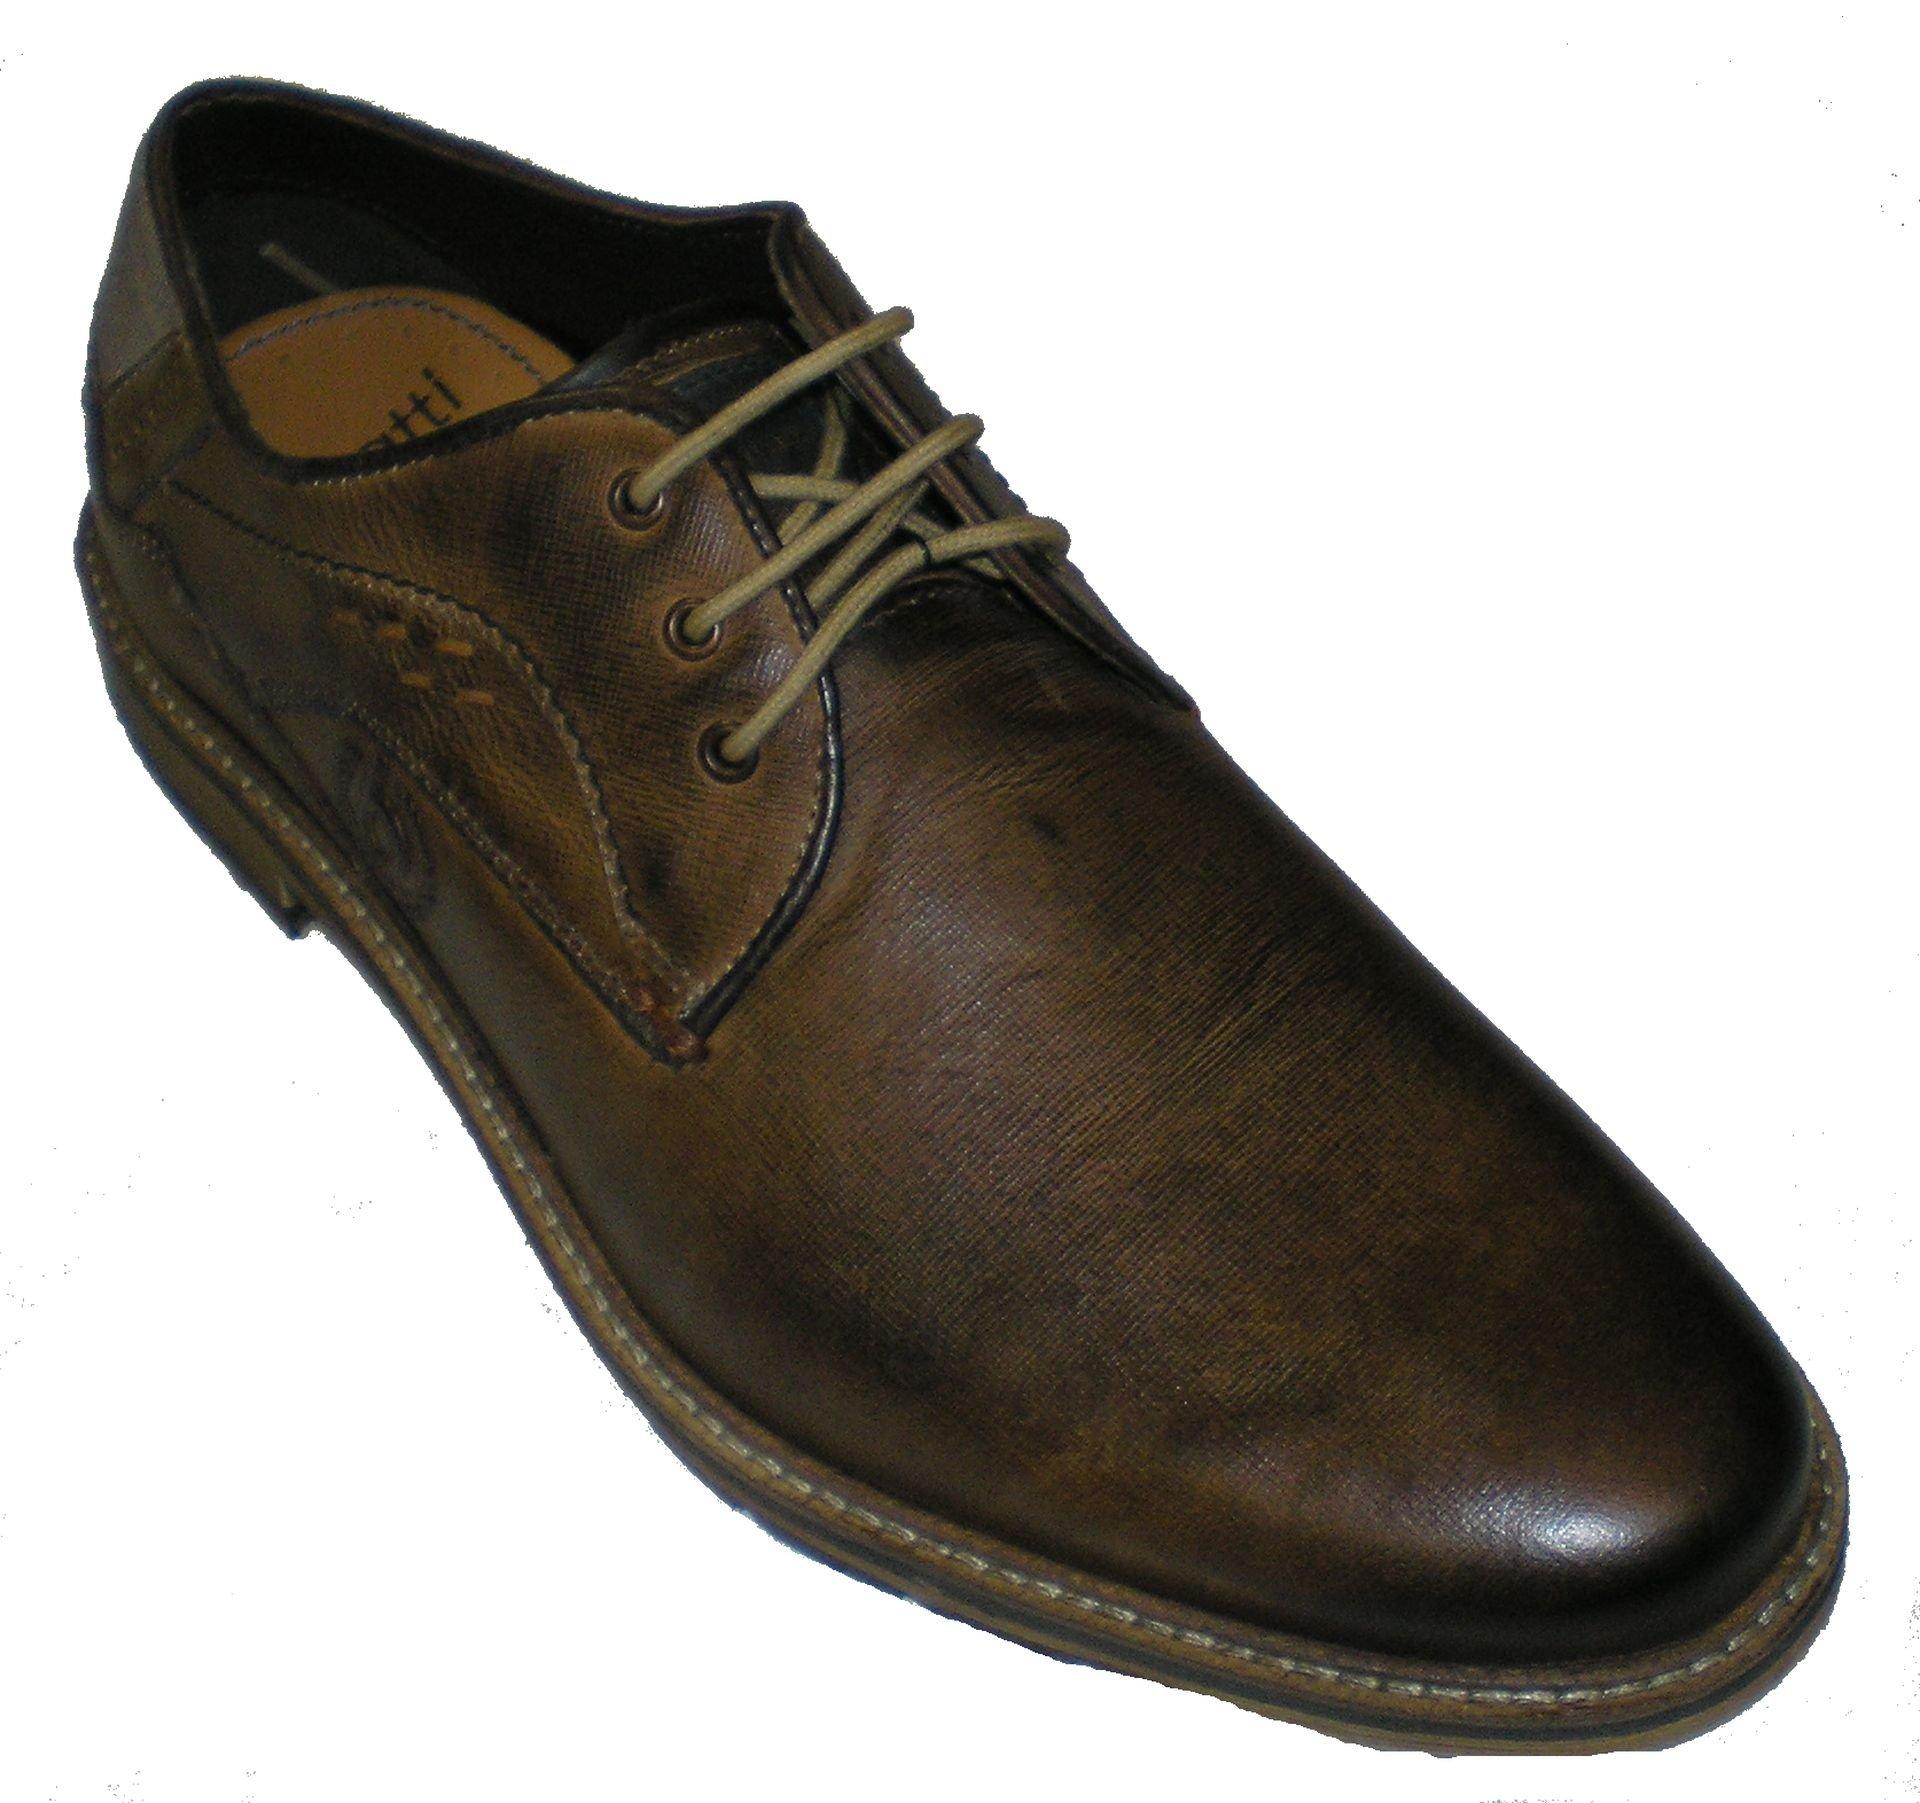 Bugatti Unisex Lace up Shoes Brown Size 43 M EU